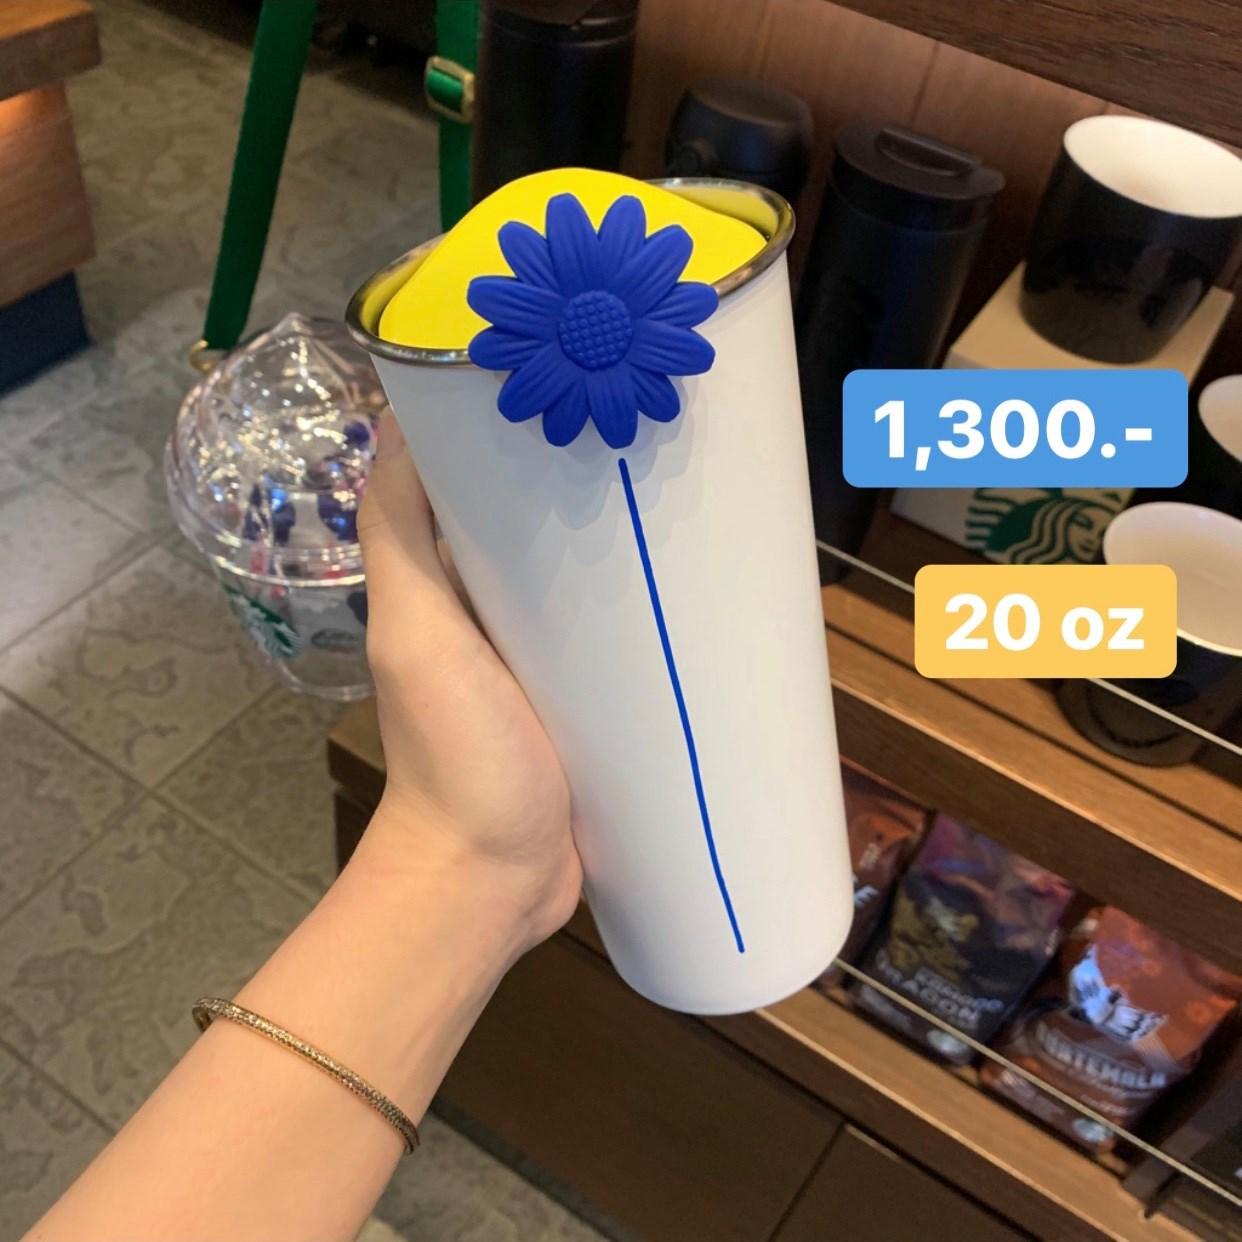 แก้ว Starbucks